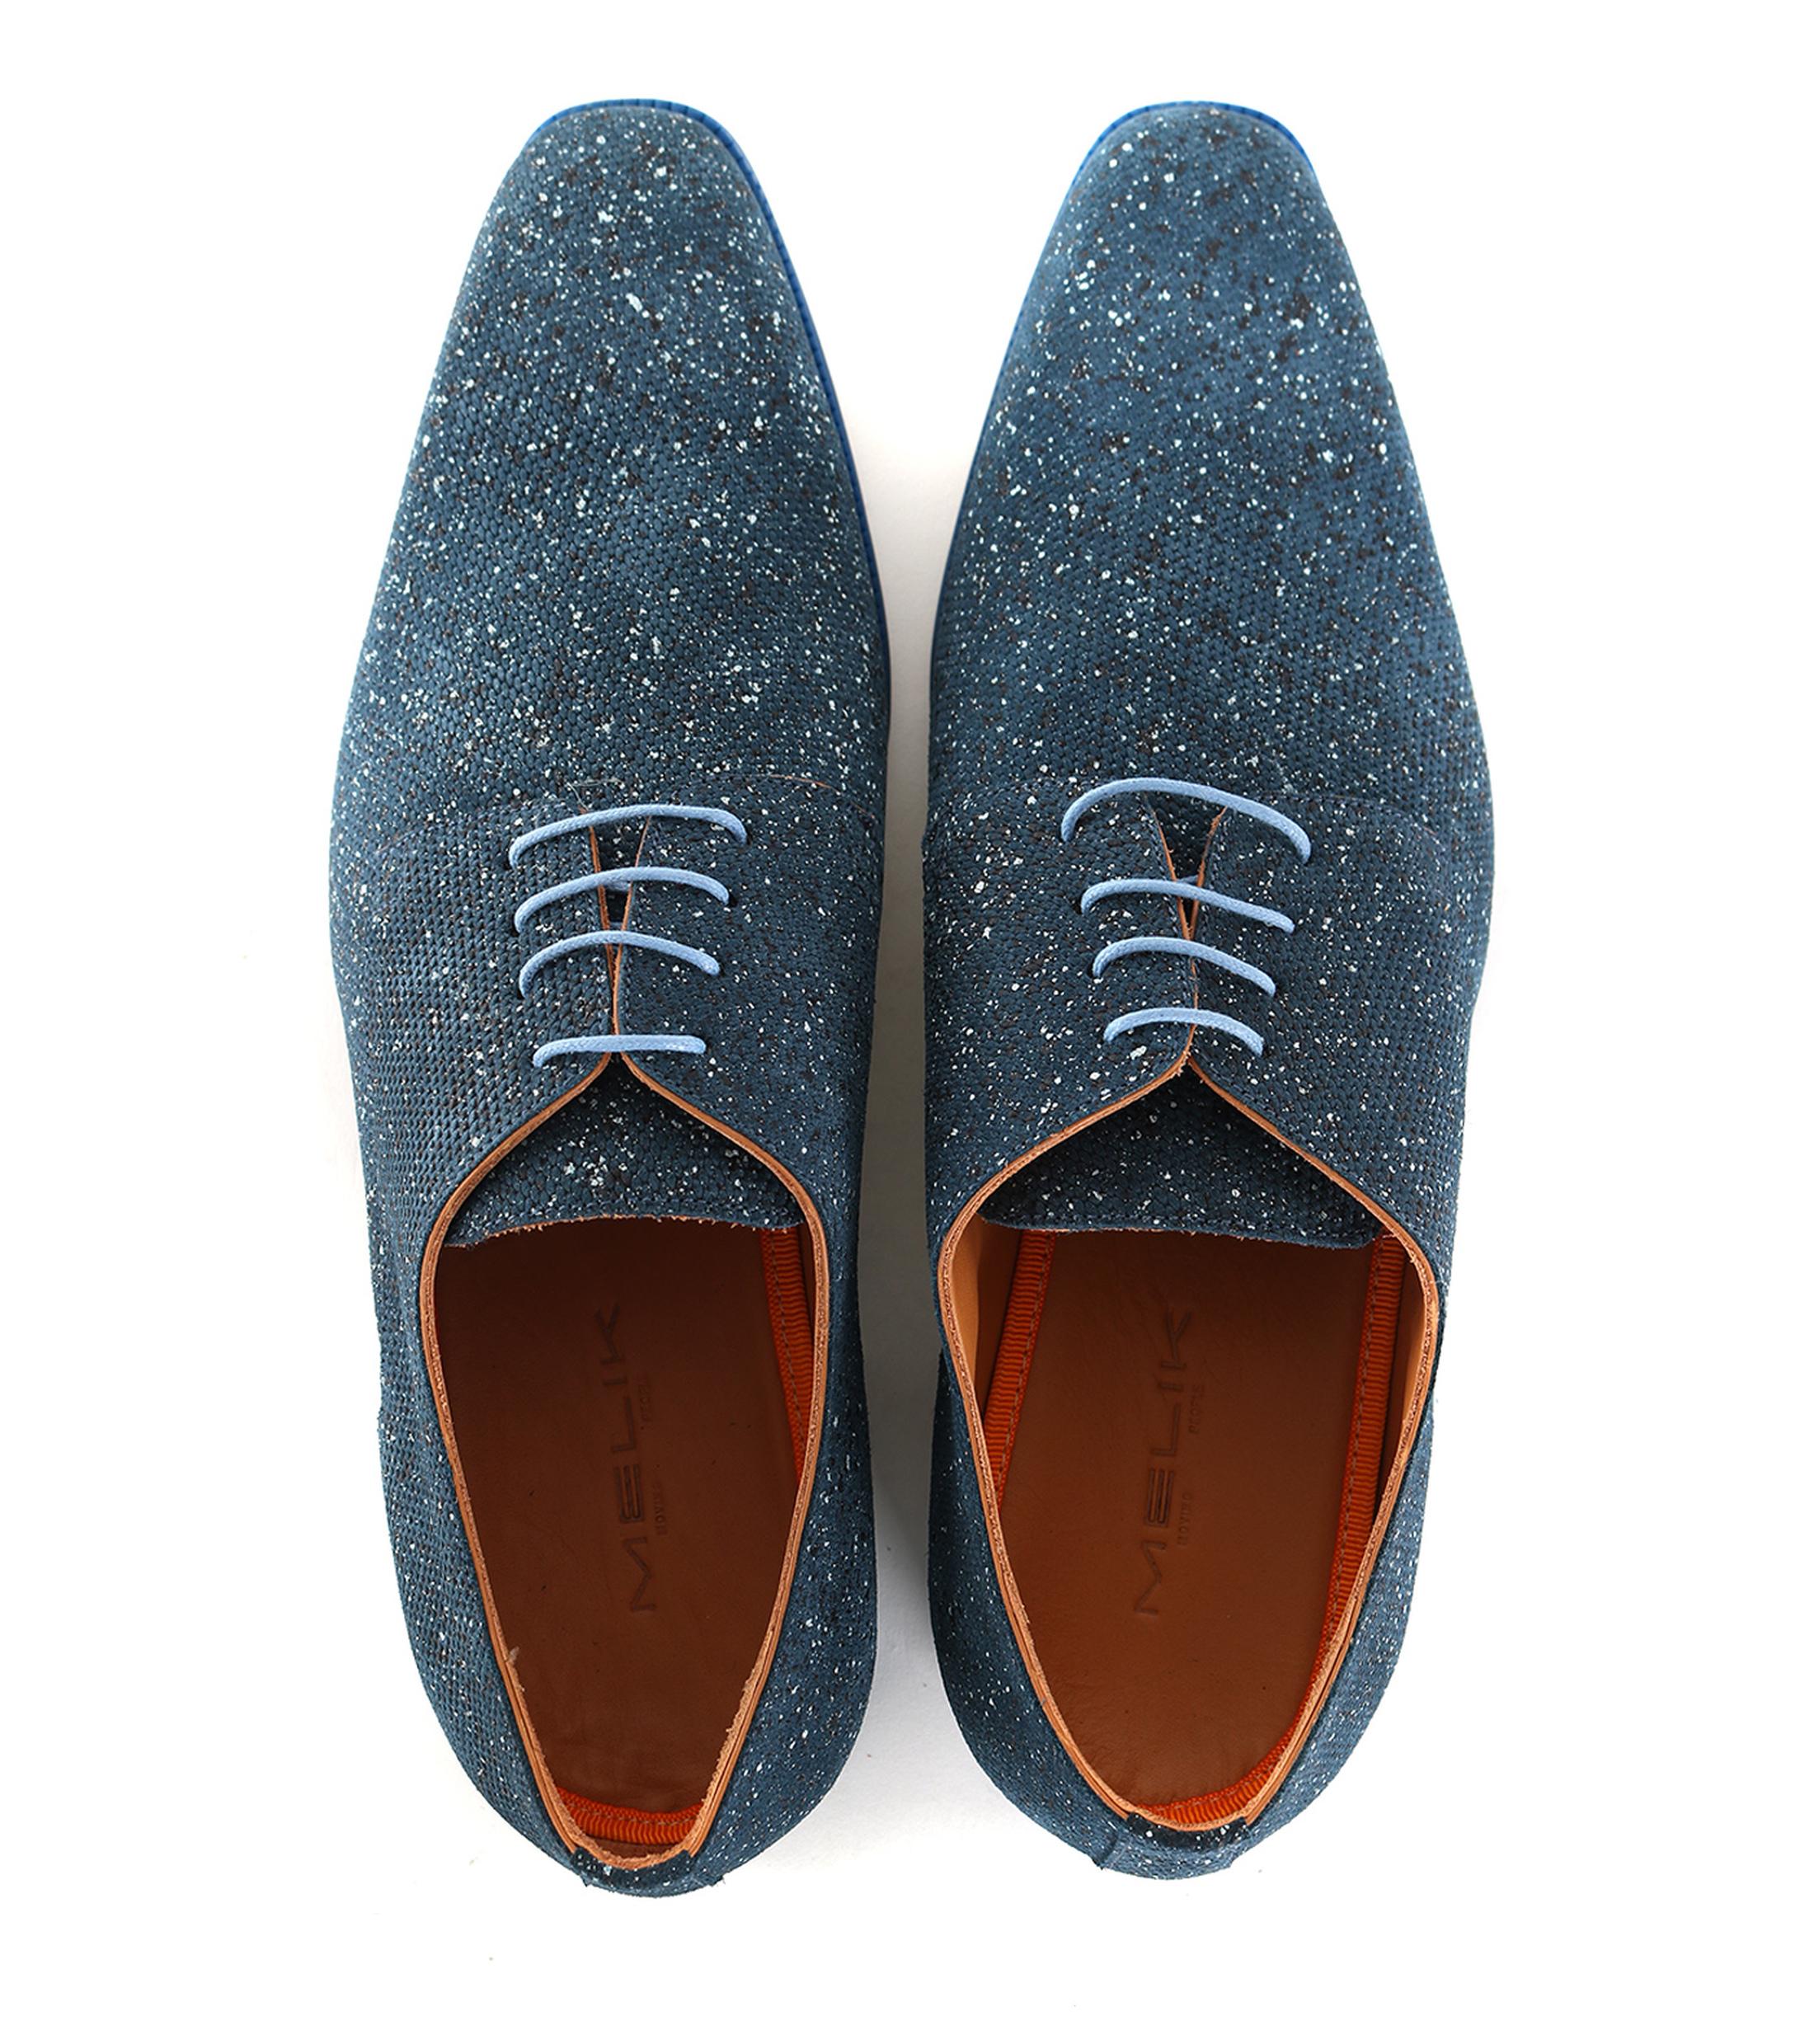 Chaussures Melik Marine Pise wFUWM